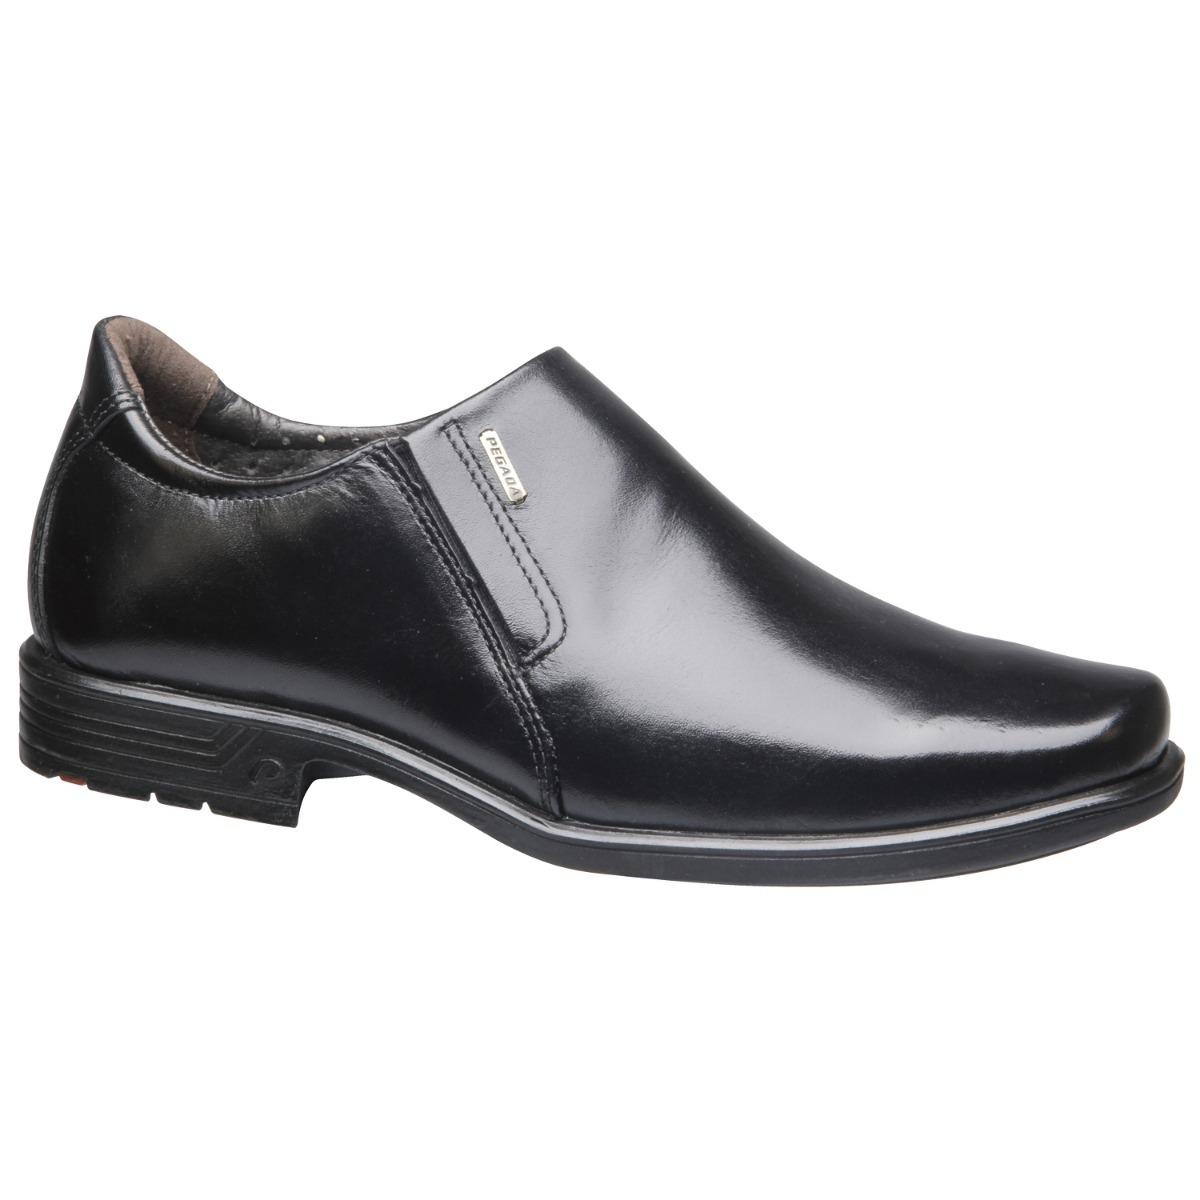 0b48315e50 sapato de couro masculino social preto soft pegada original. Carregando  zoom.